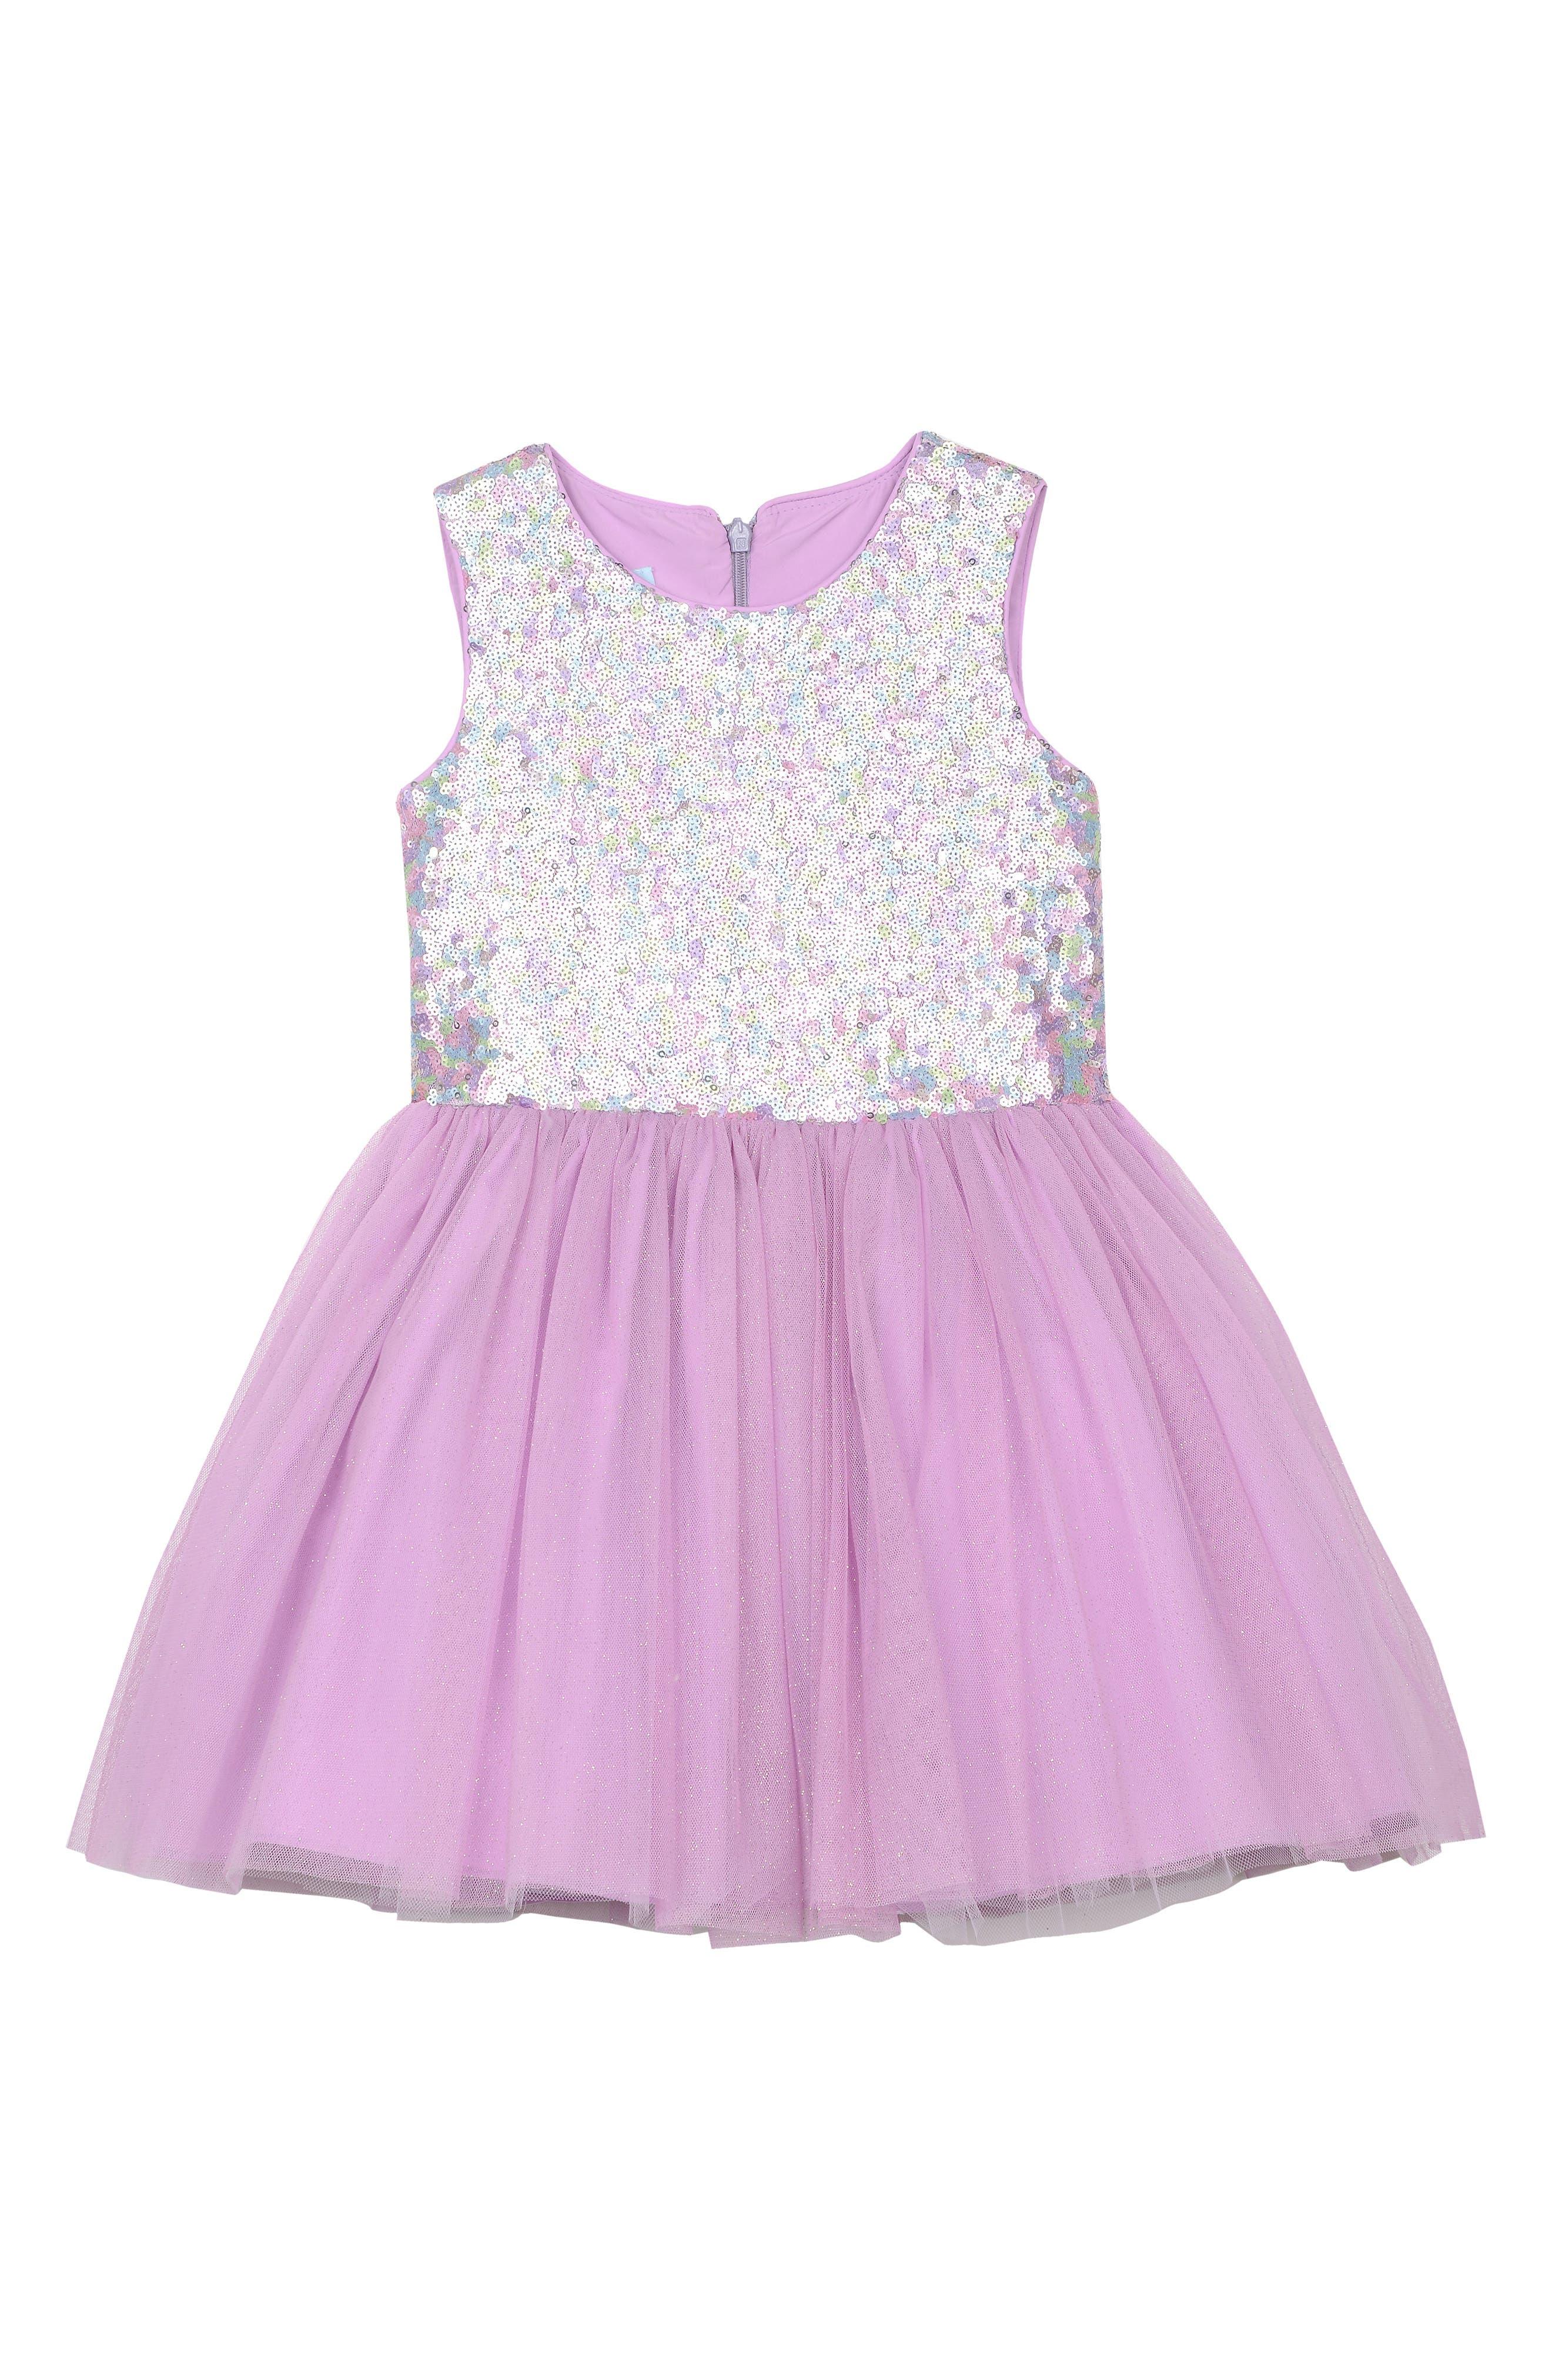 84bd52d055f Infant Girl s Pippa   Julie Sequin   Tulle Dress